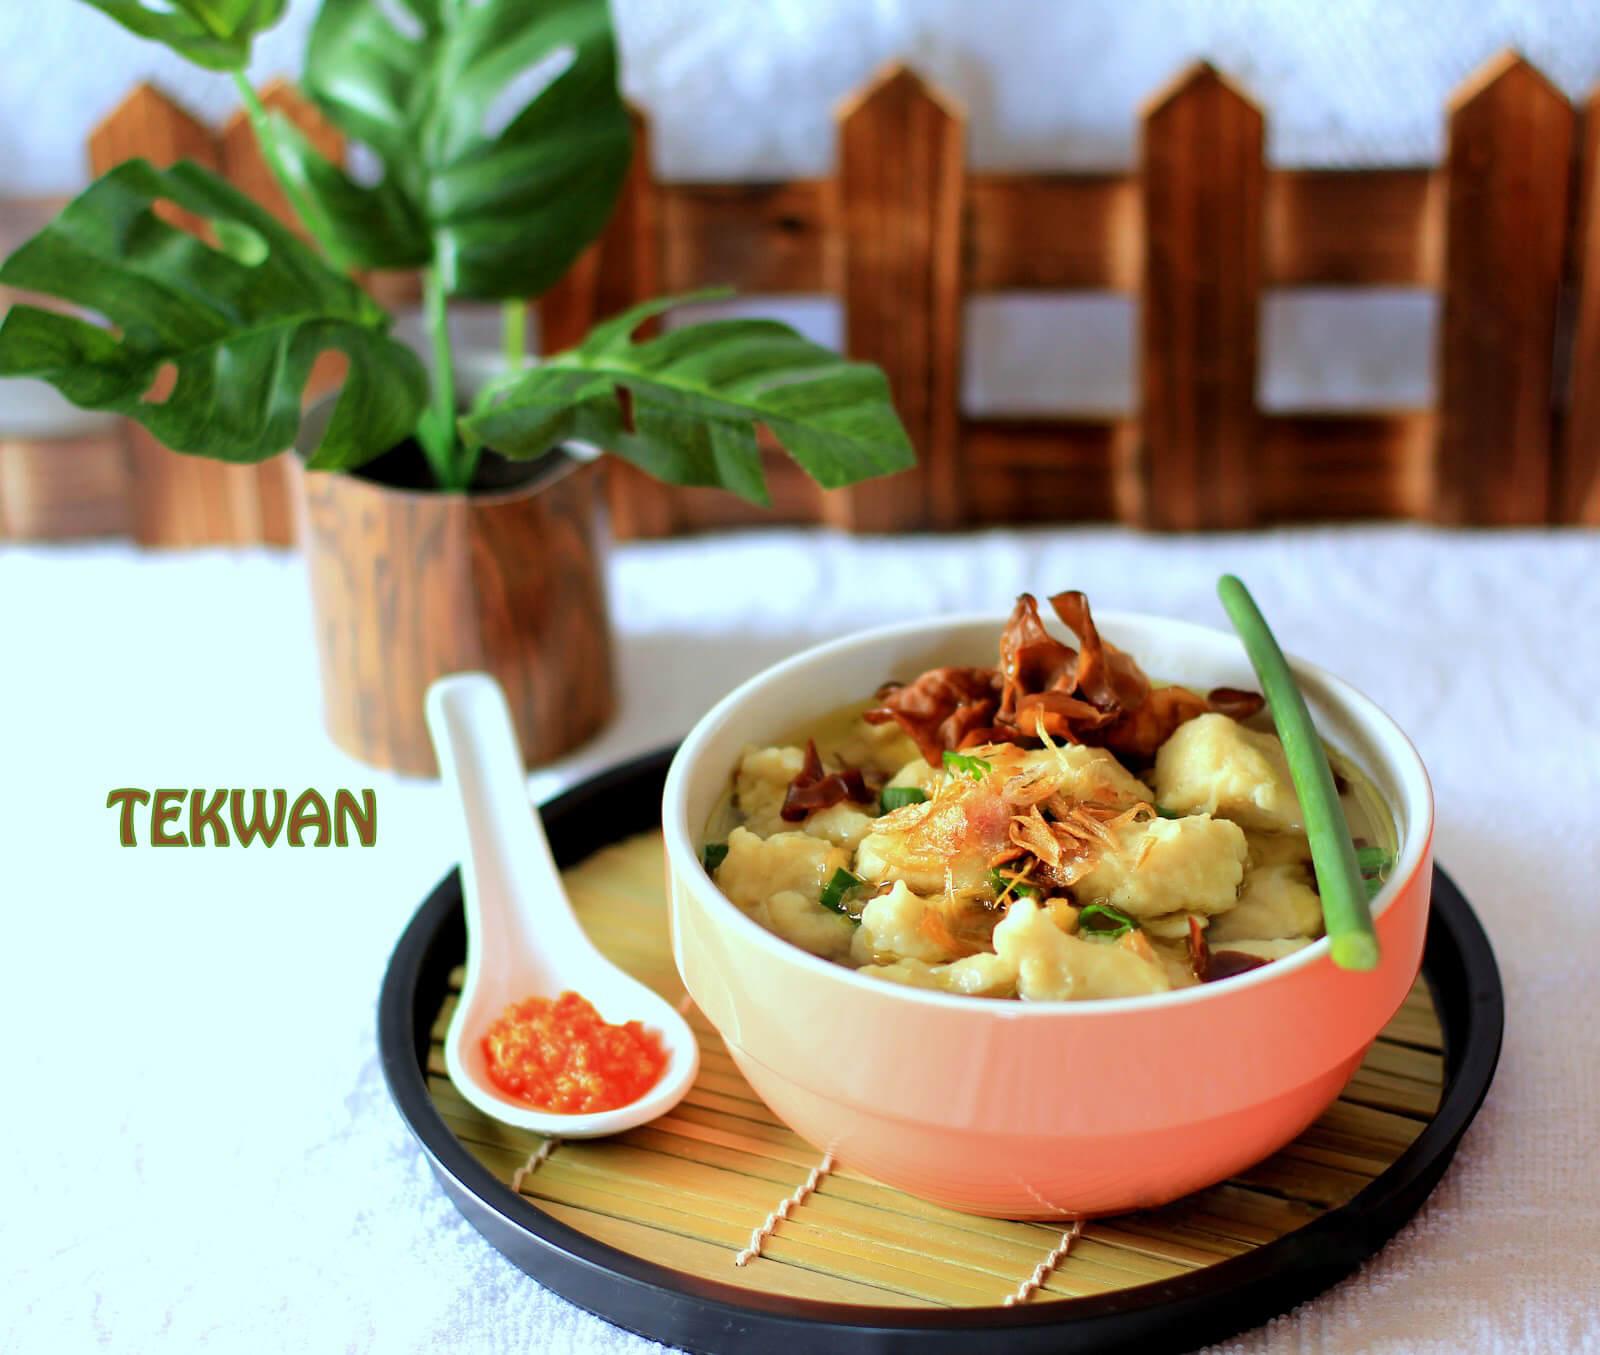 Peluang Bisnis Kuliner Tekwan Khas Palembang